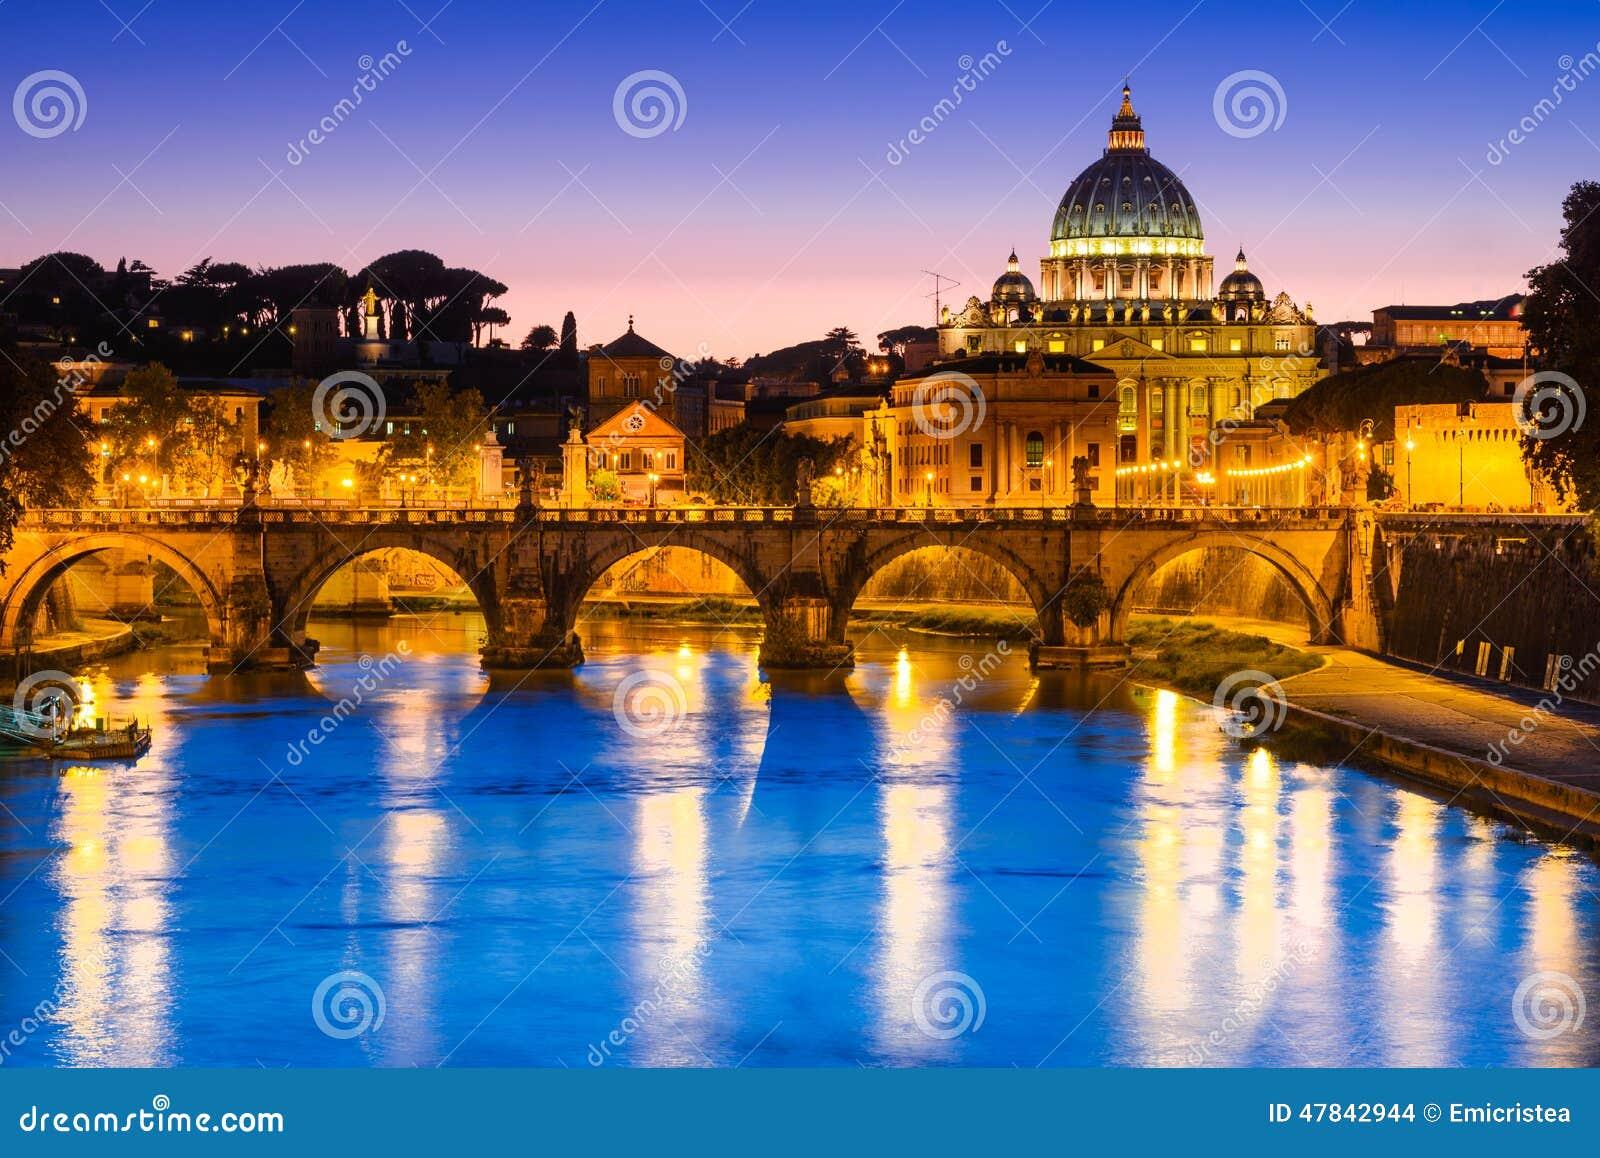 意大利罗马梵蒂冈